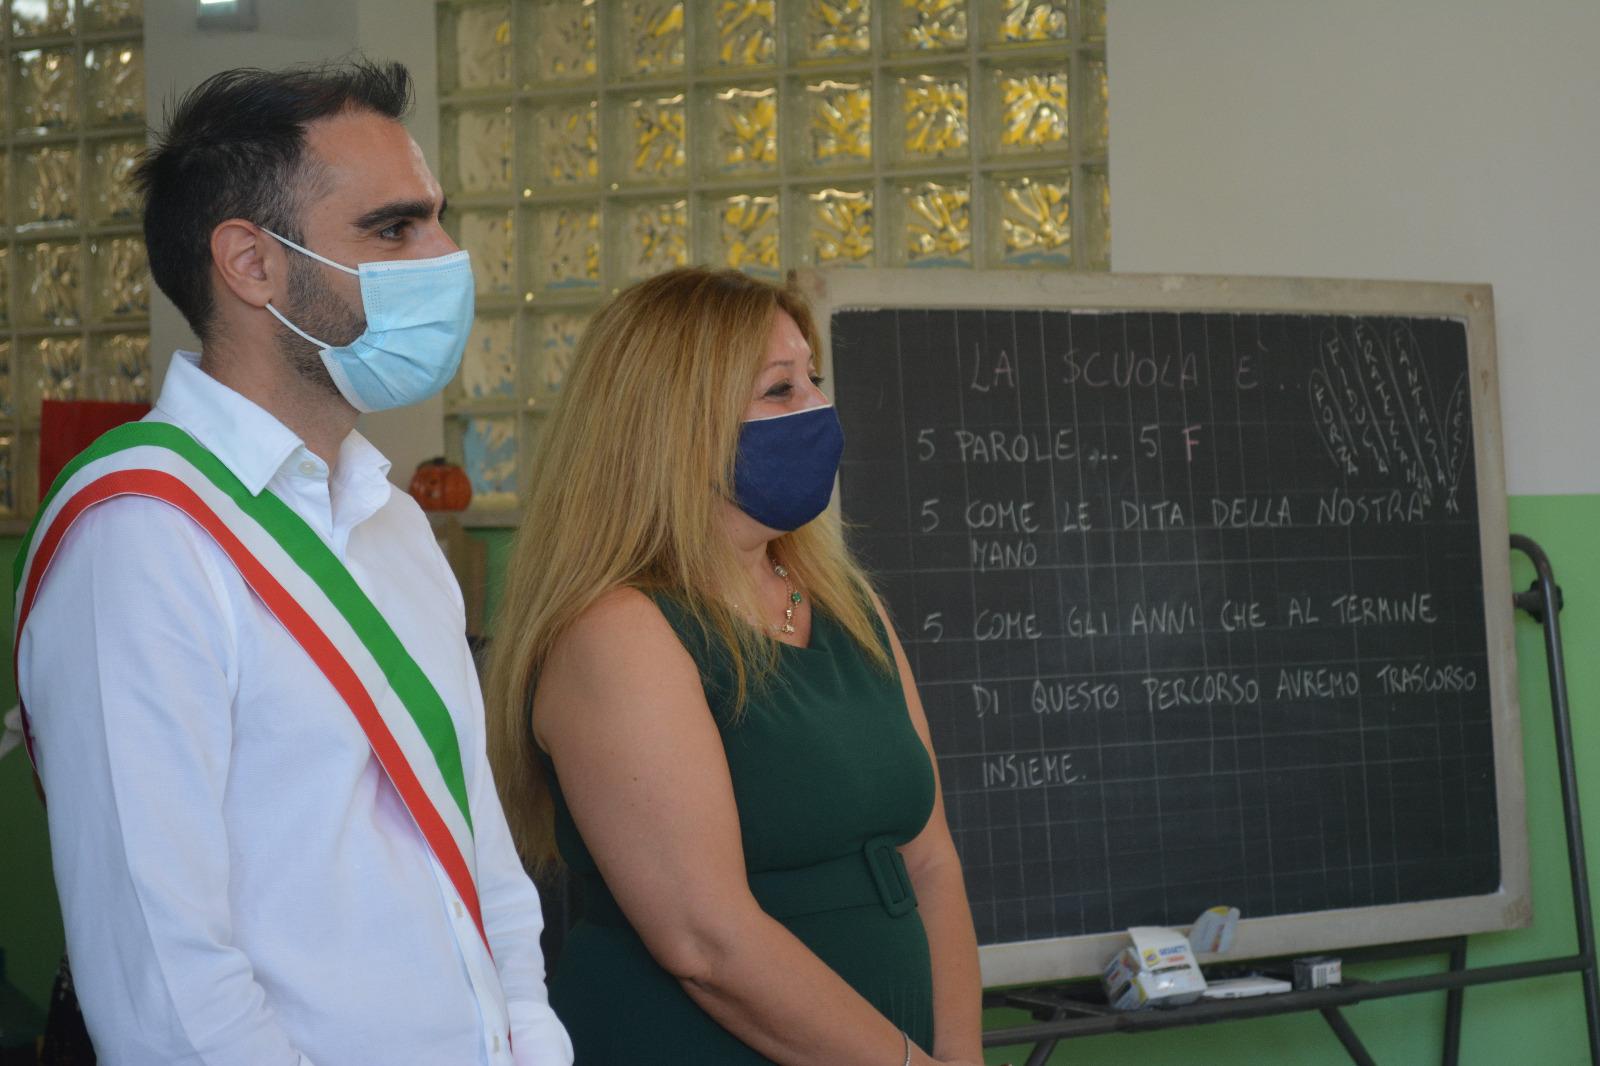 Pomezia, il Sindaco Adriano Zuccalà a scuola per augurare un buon inizio di anno scolastico alle studentesse e agli studenti